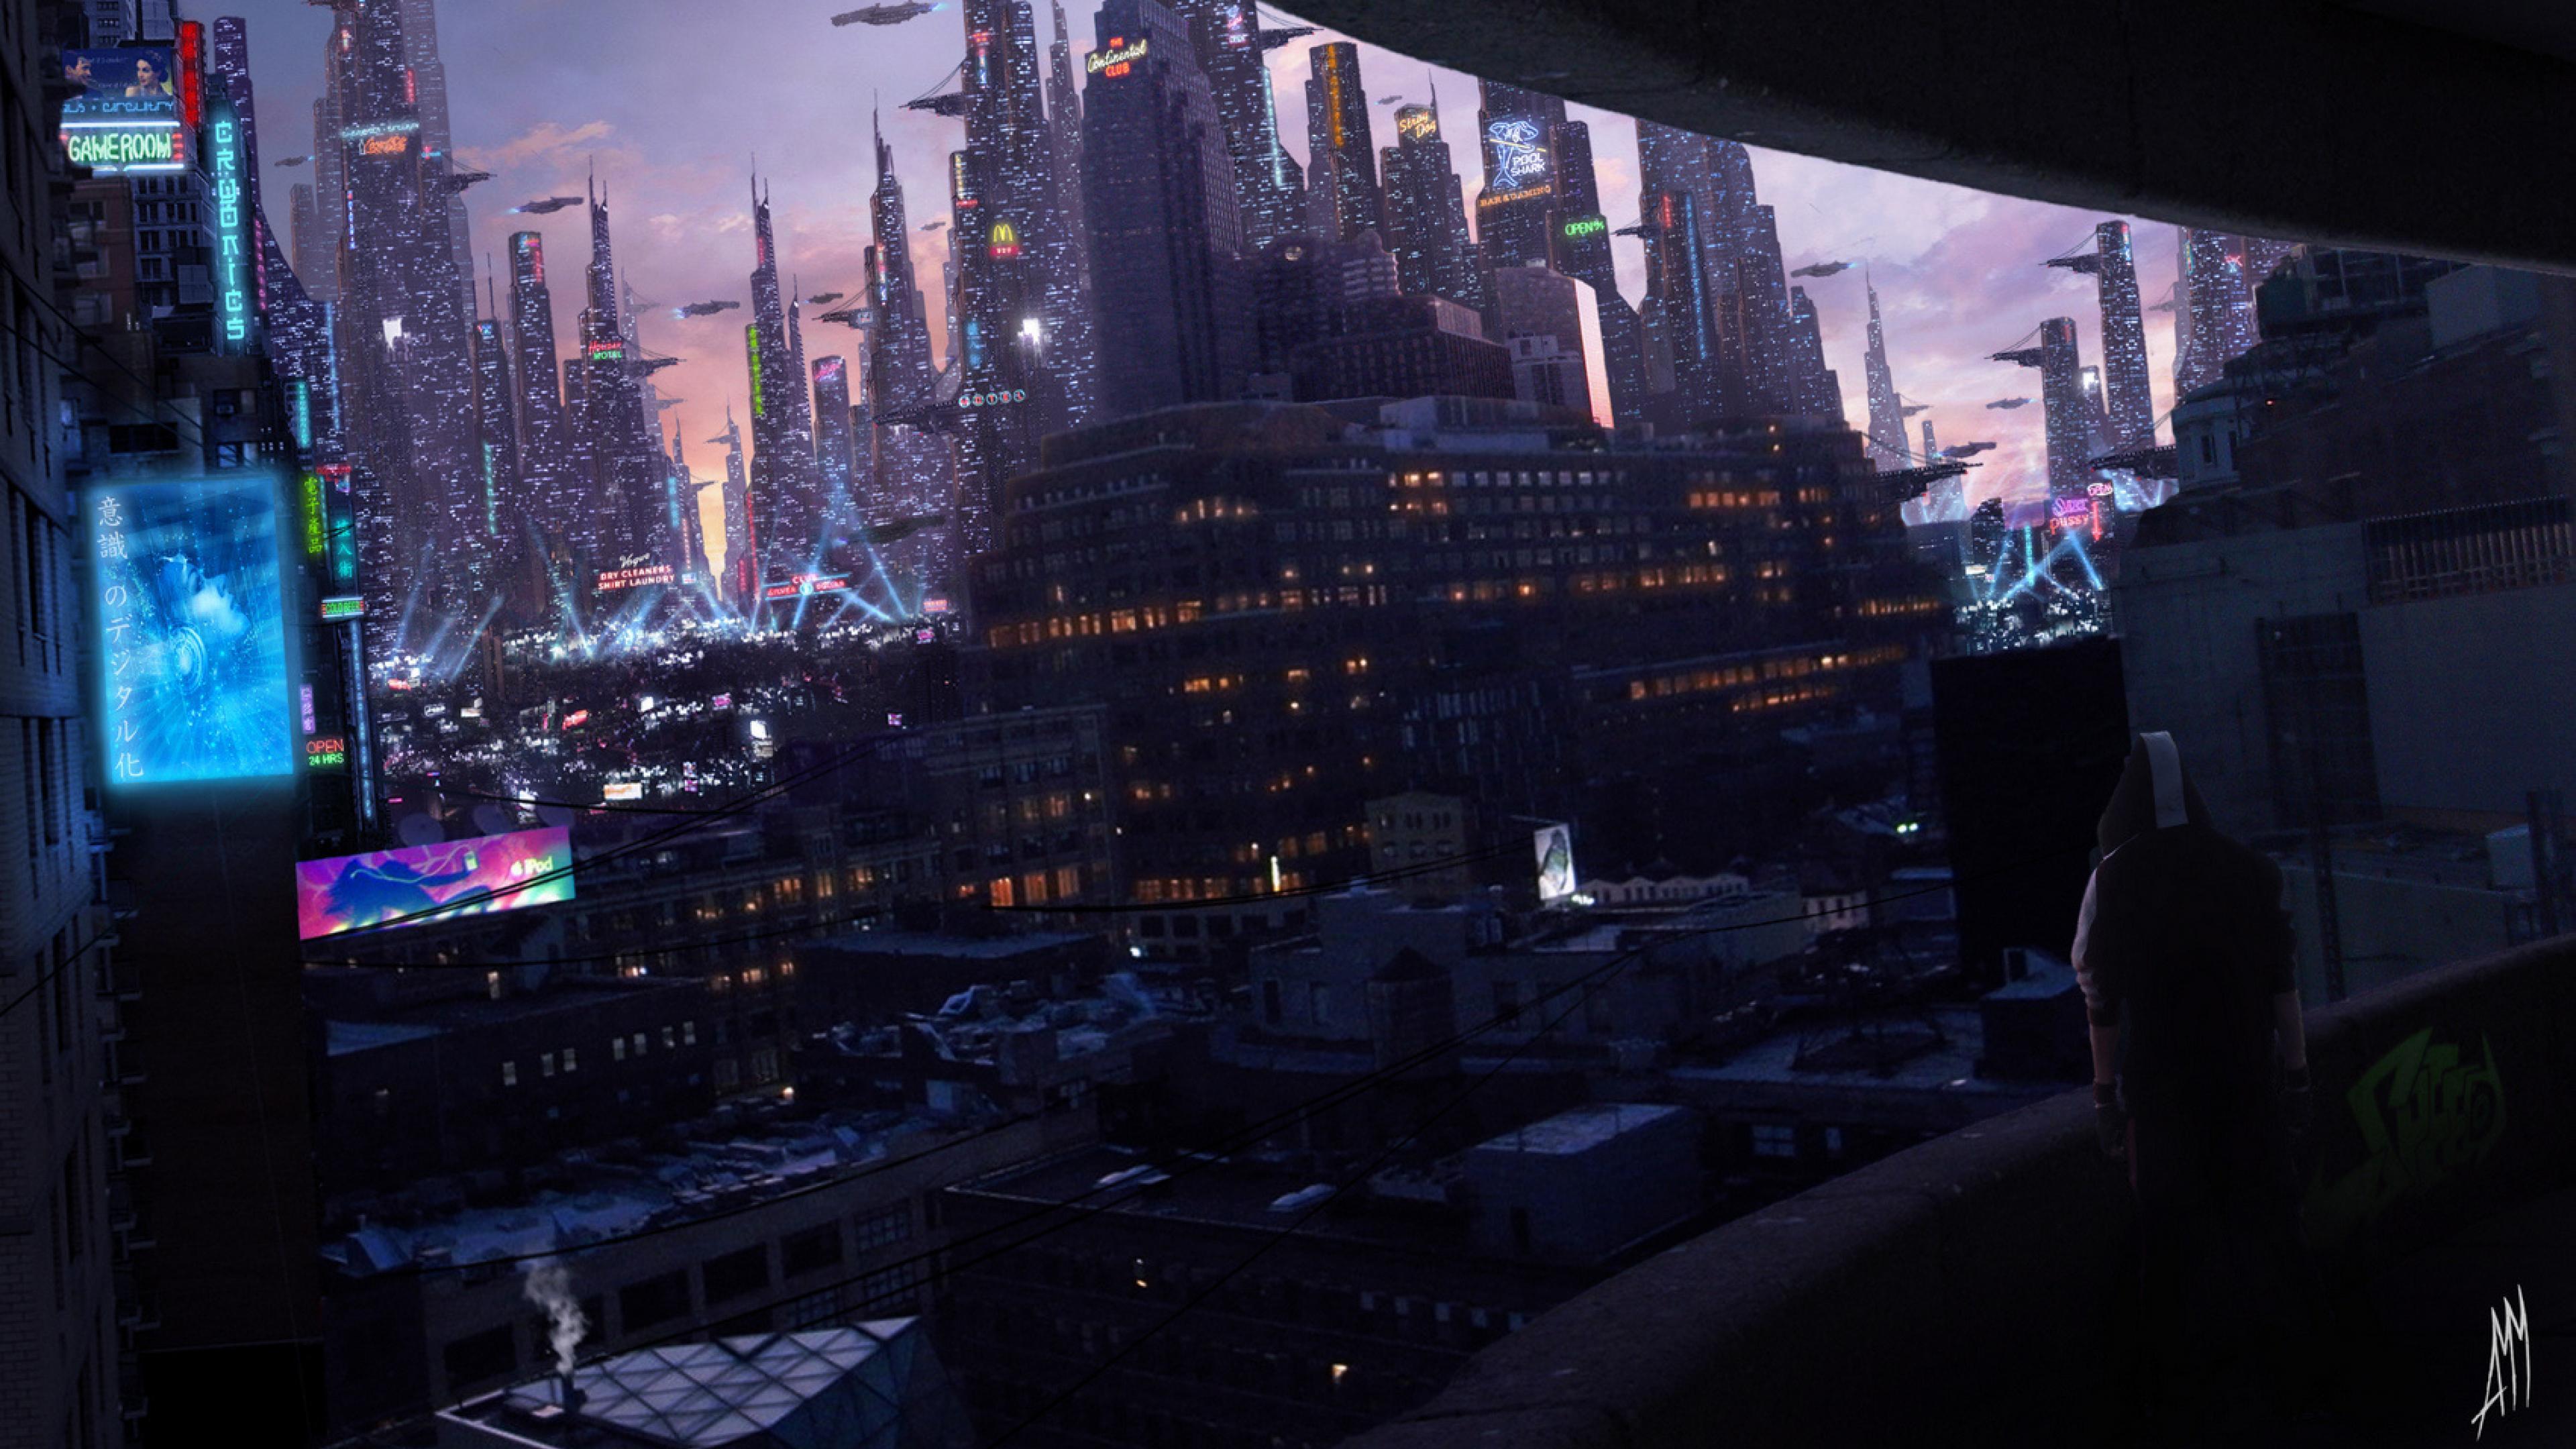 Cyberpunk City Wallpapers - Wallpaper Cave